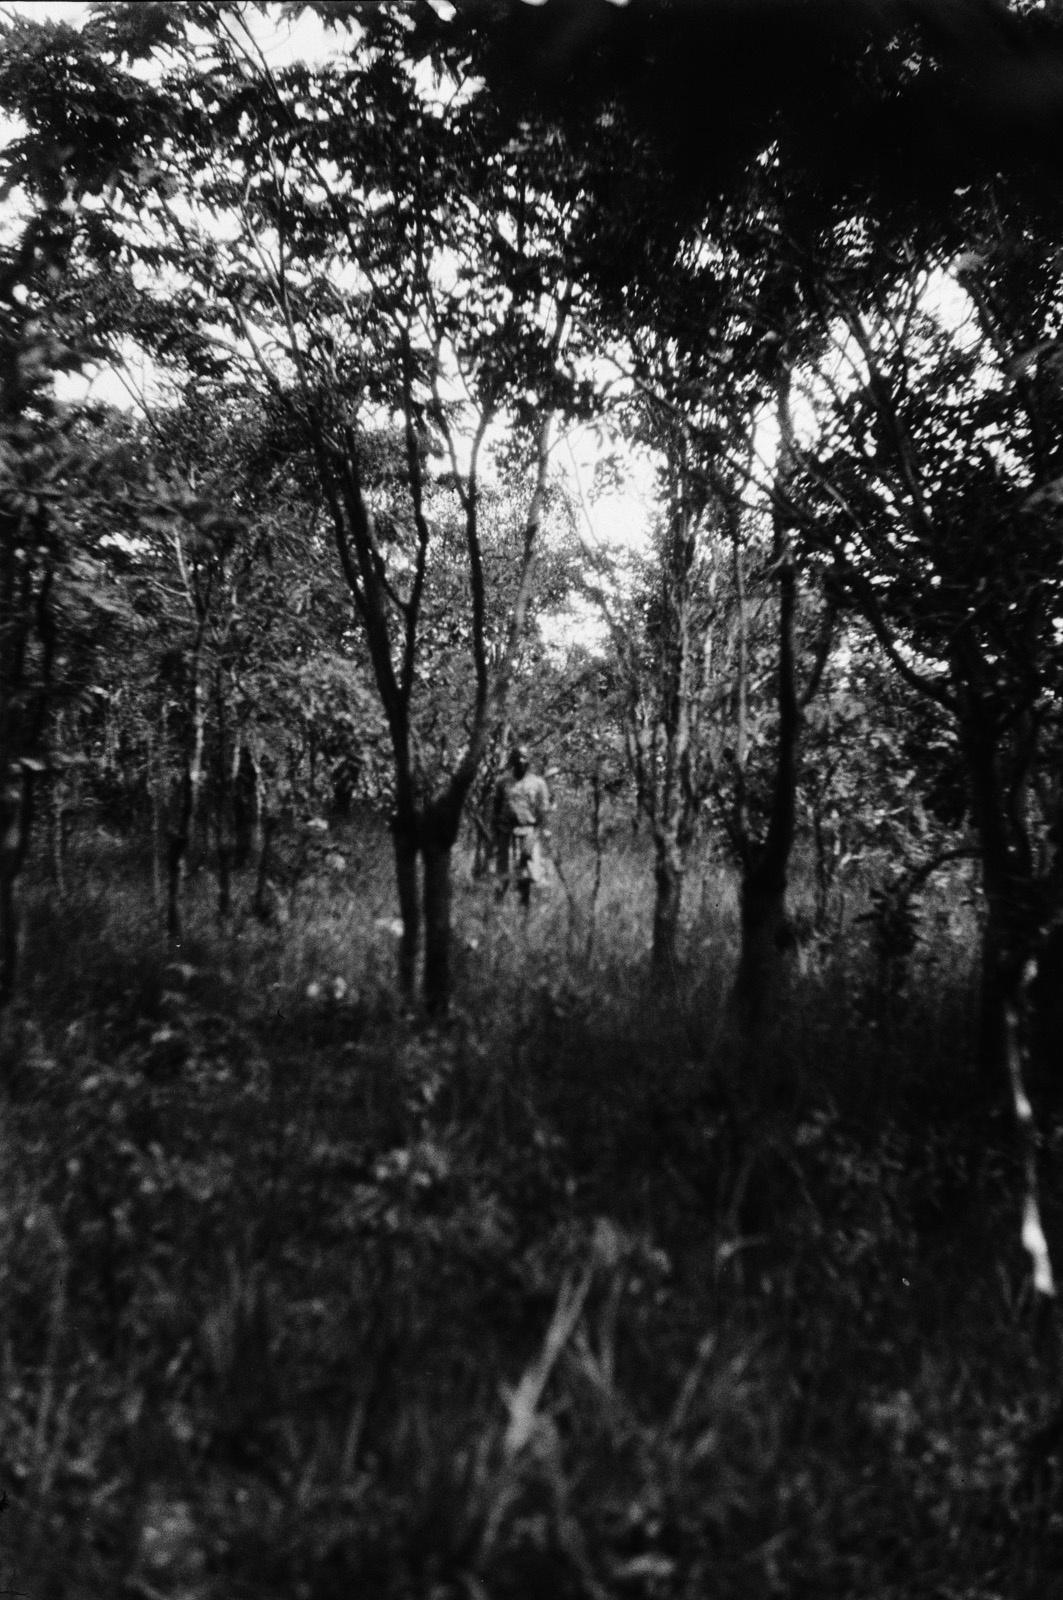 Между Капири Мпоши и рекой Лунсемфва. Ранее прореженный лес. На высоте груди все стволы деревьев раздвоены